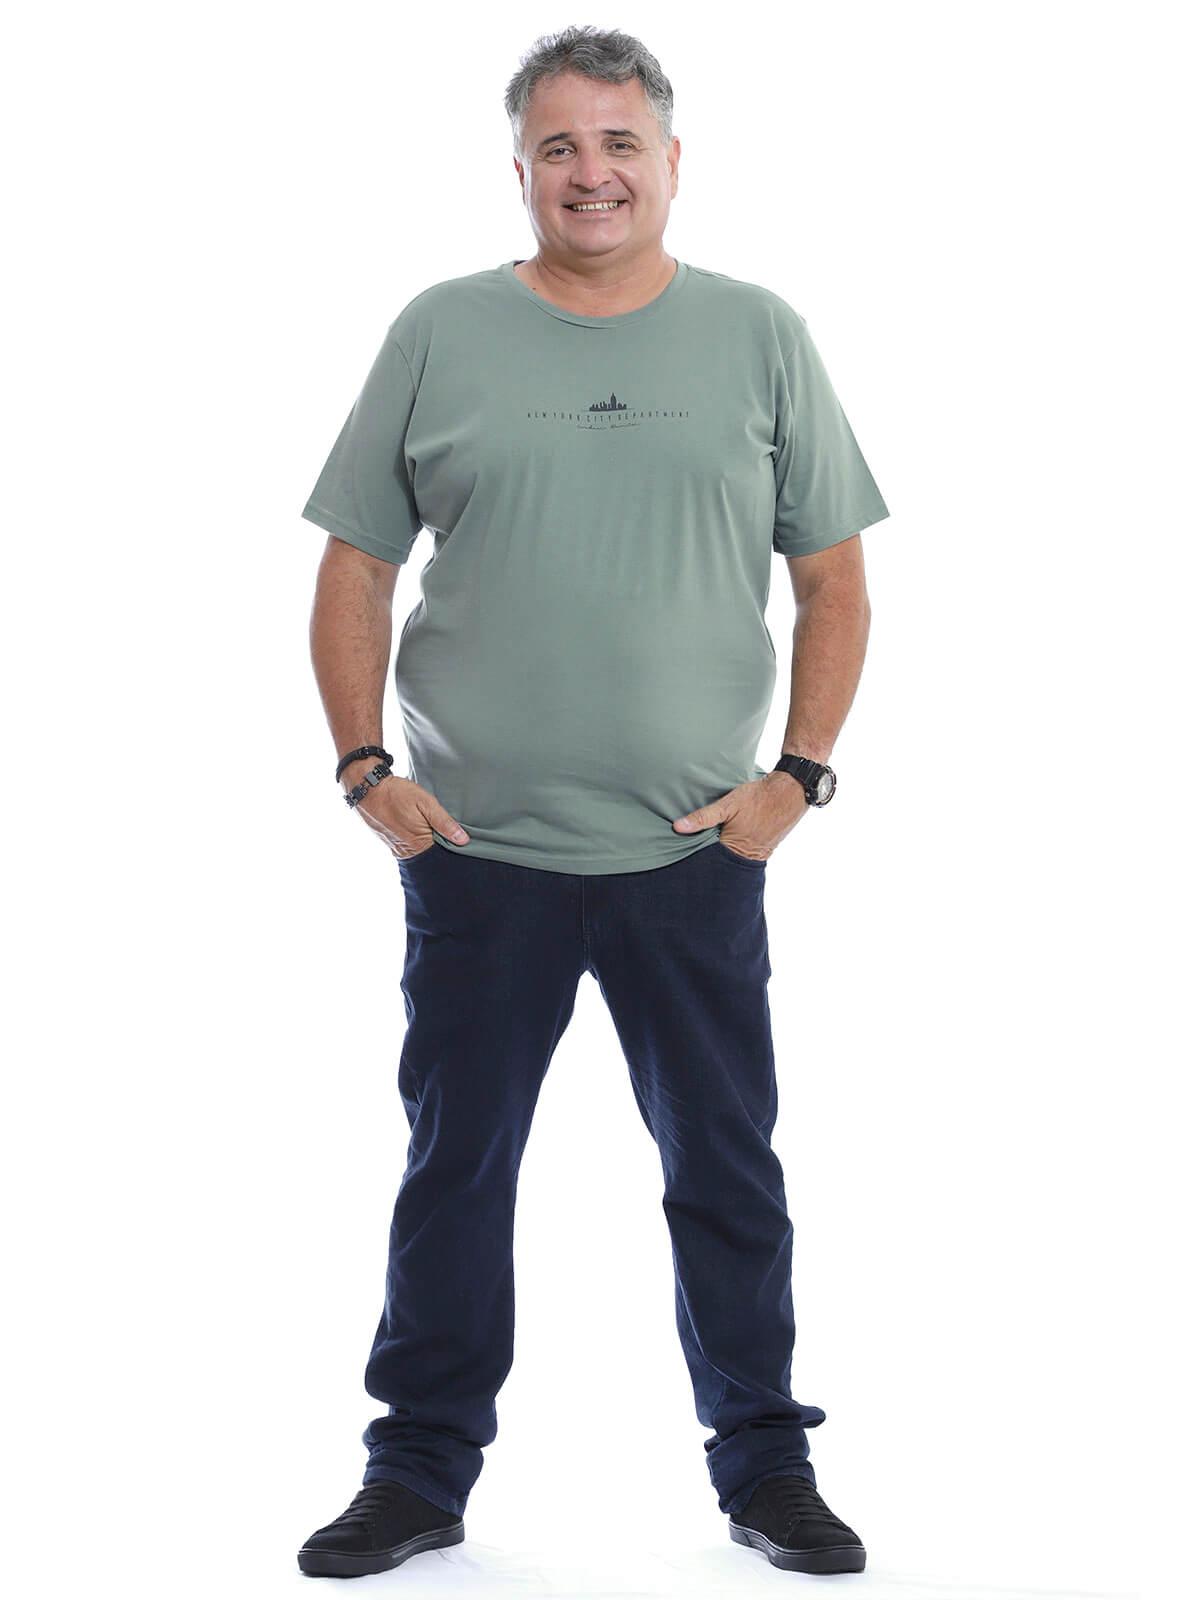 Camiseta Plus Size Anistia New York Concreto